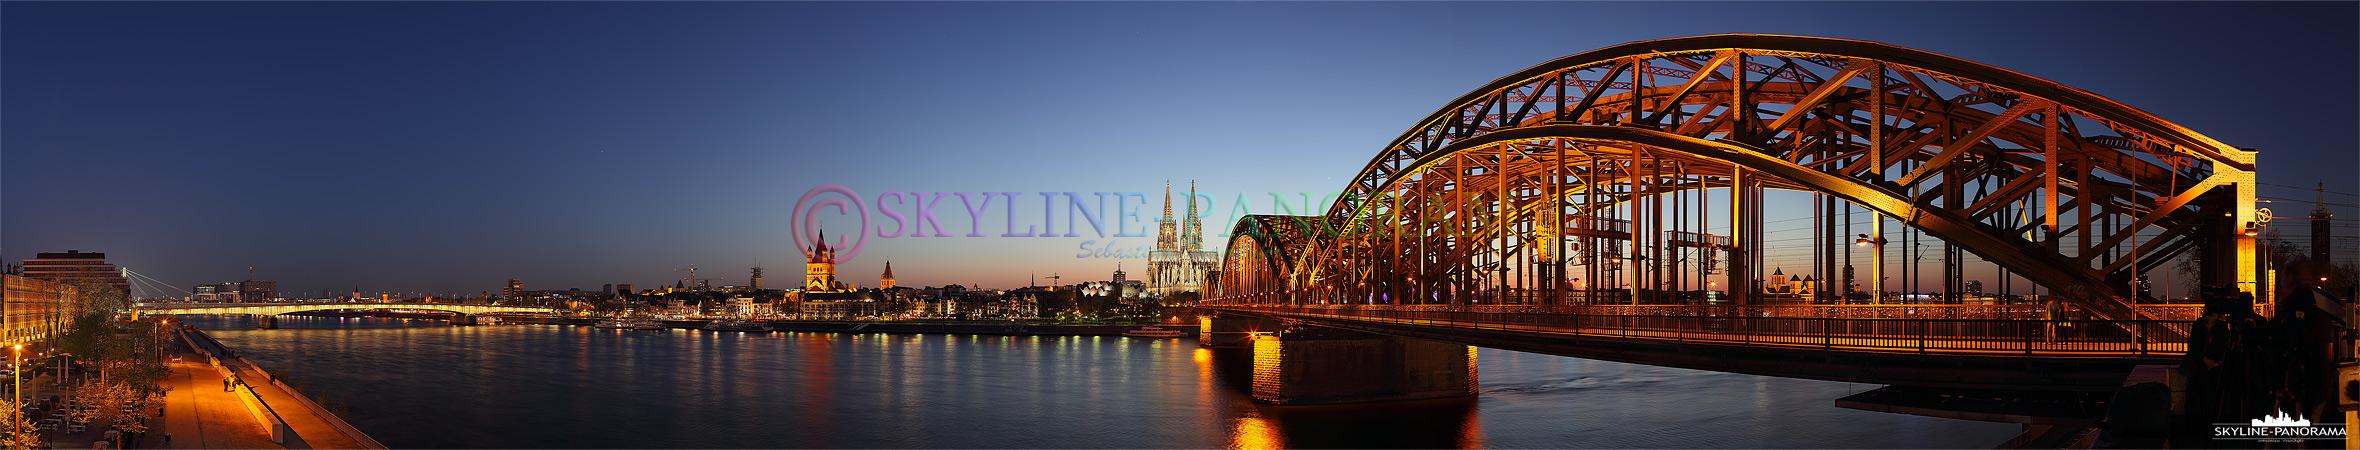 Die Kölner Skyline mit dem Kölner Dom aus der beliebtesten und wahrscheinlich auch bekanntesten Perspektive gesehen, dem Sockel der Hohenzollernbrücke vom gegenüberligendem Rheinufer.